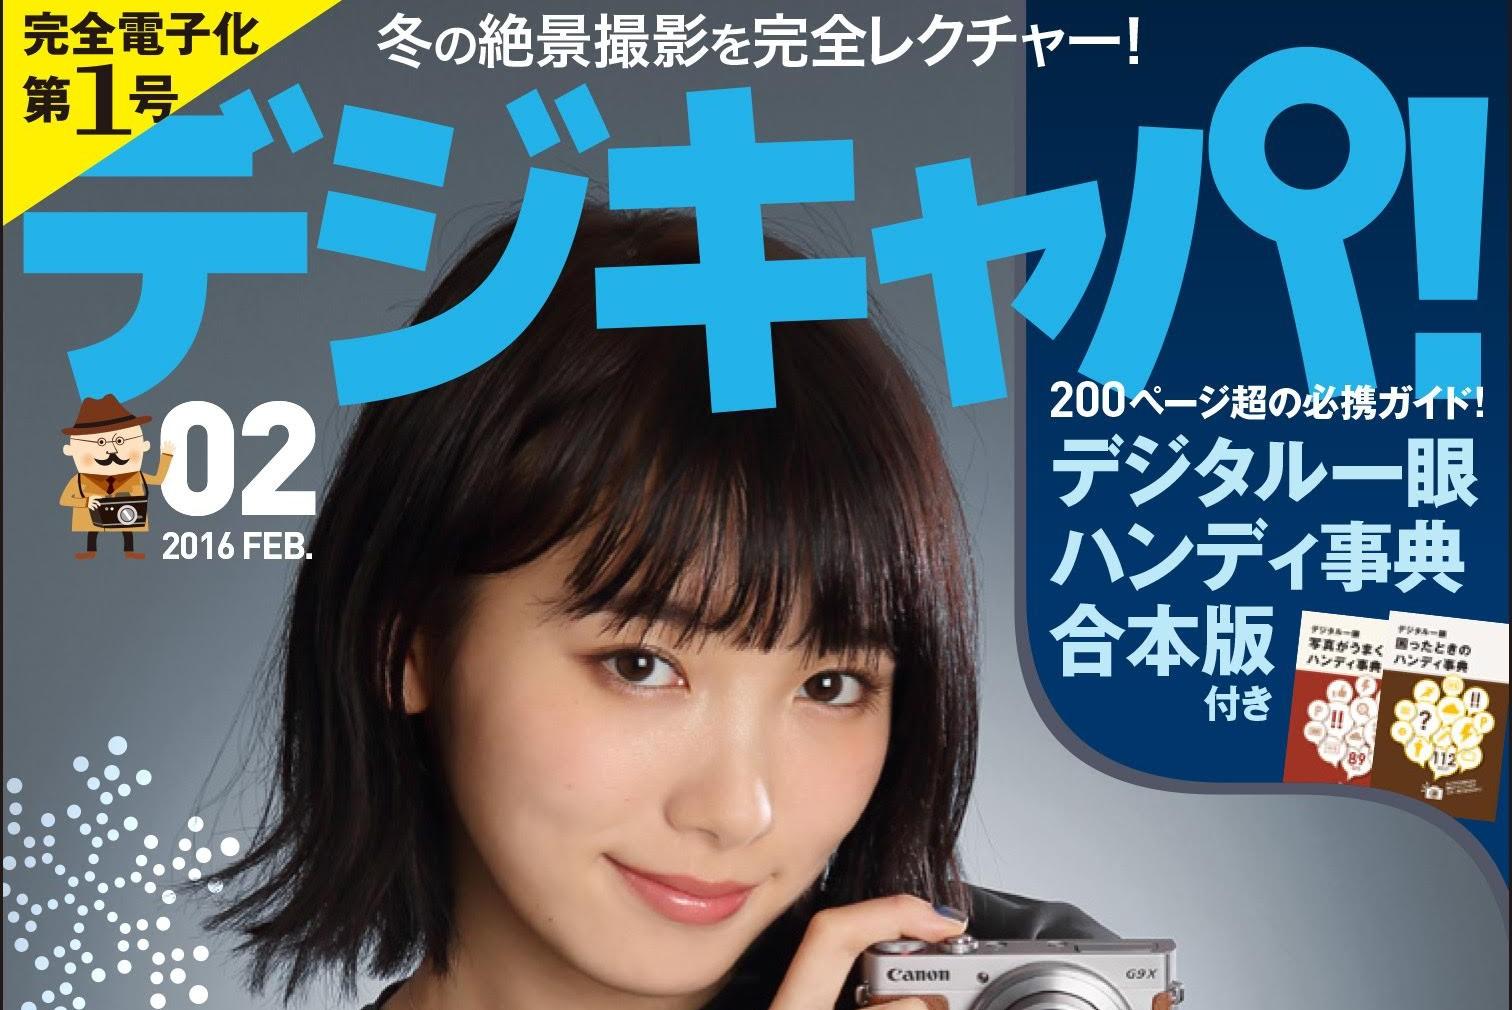 """「デジキャパ!」がスマホでも読みやすい""""完全電子版""""にリニューアル"""